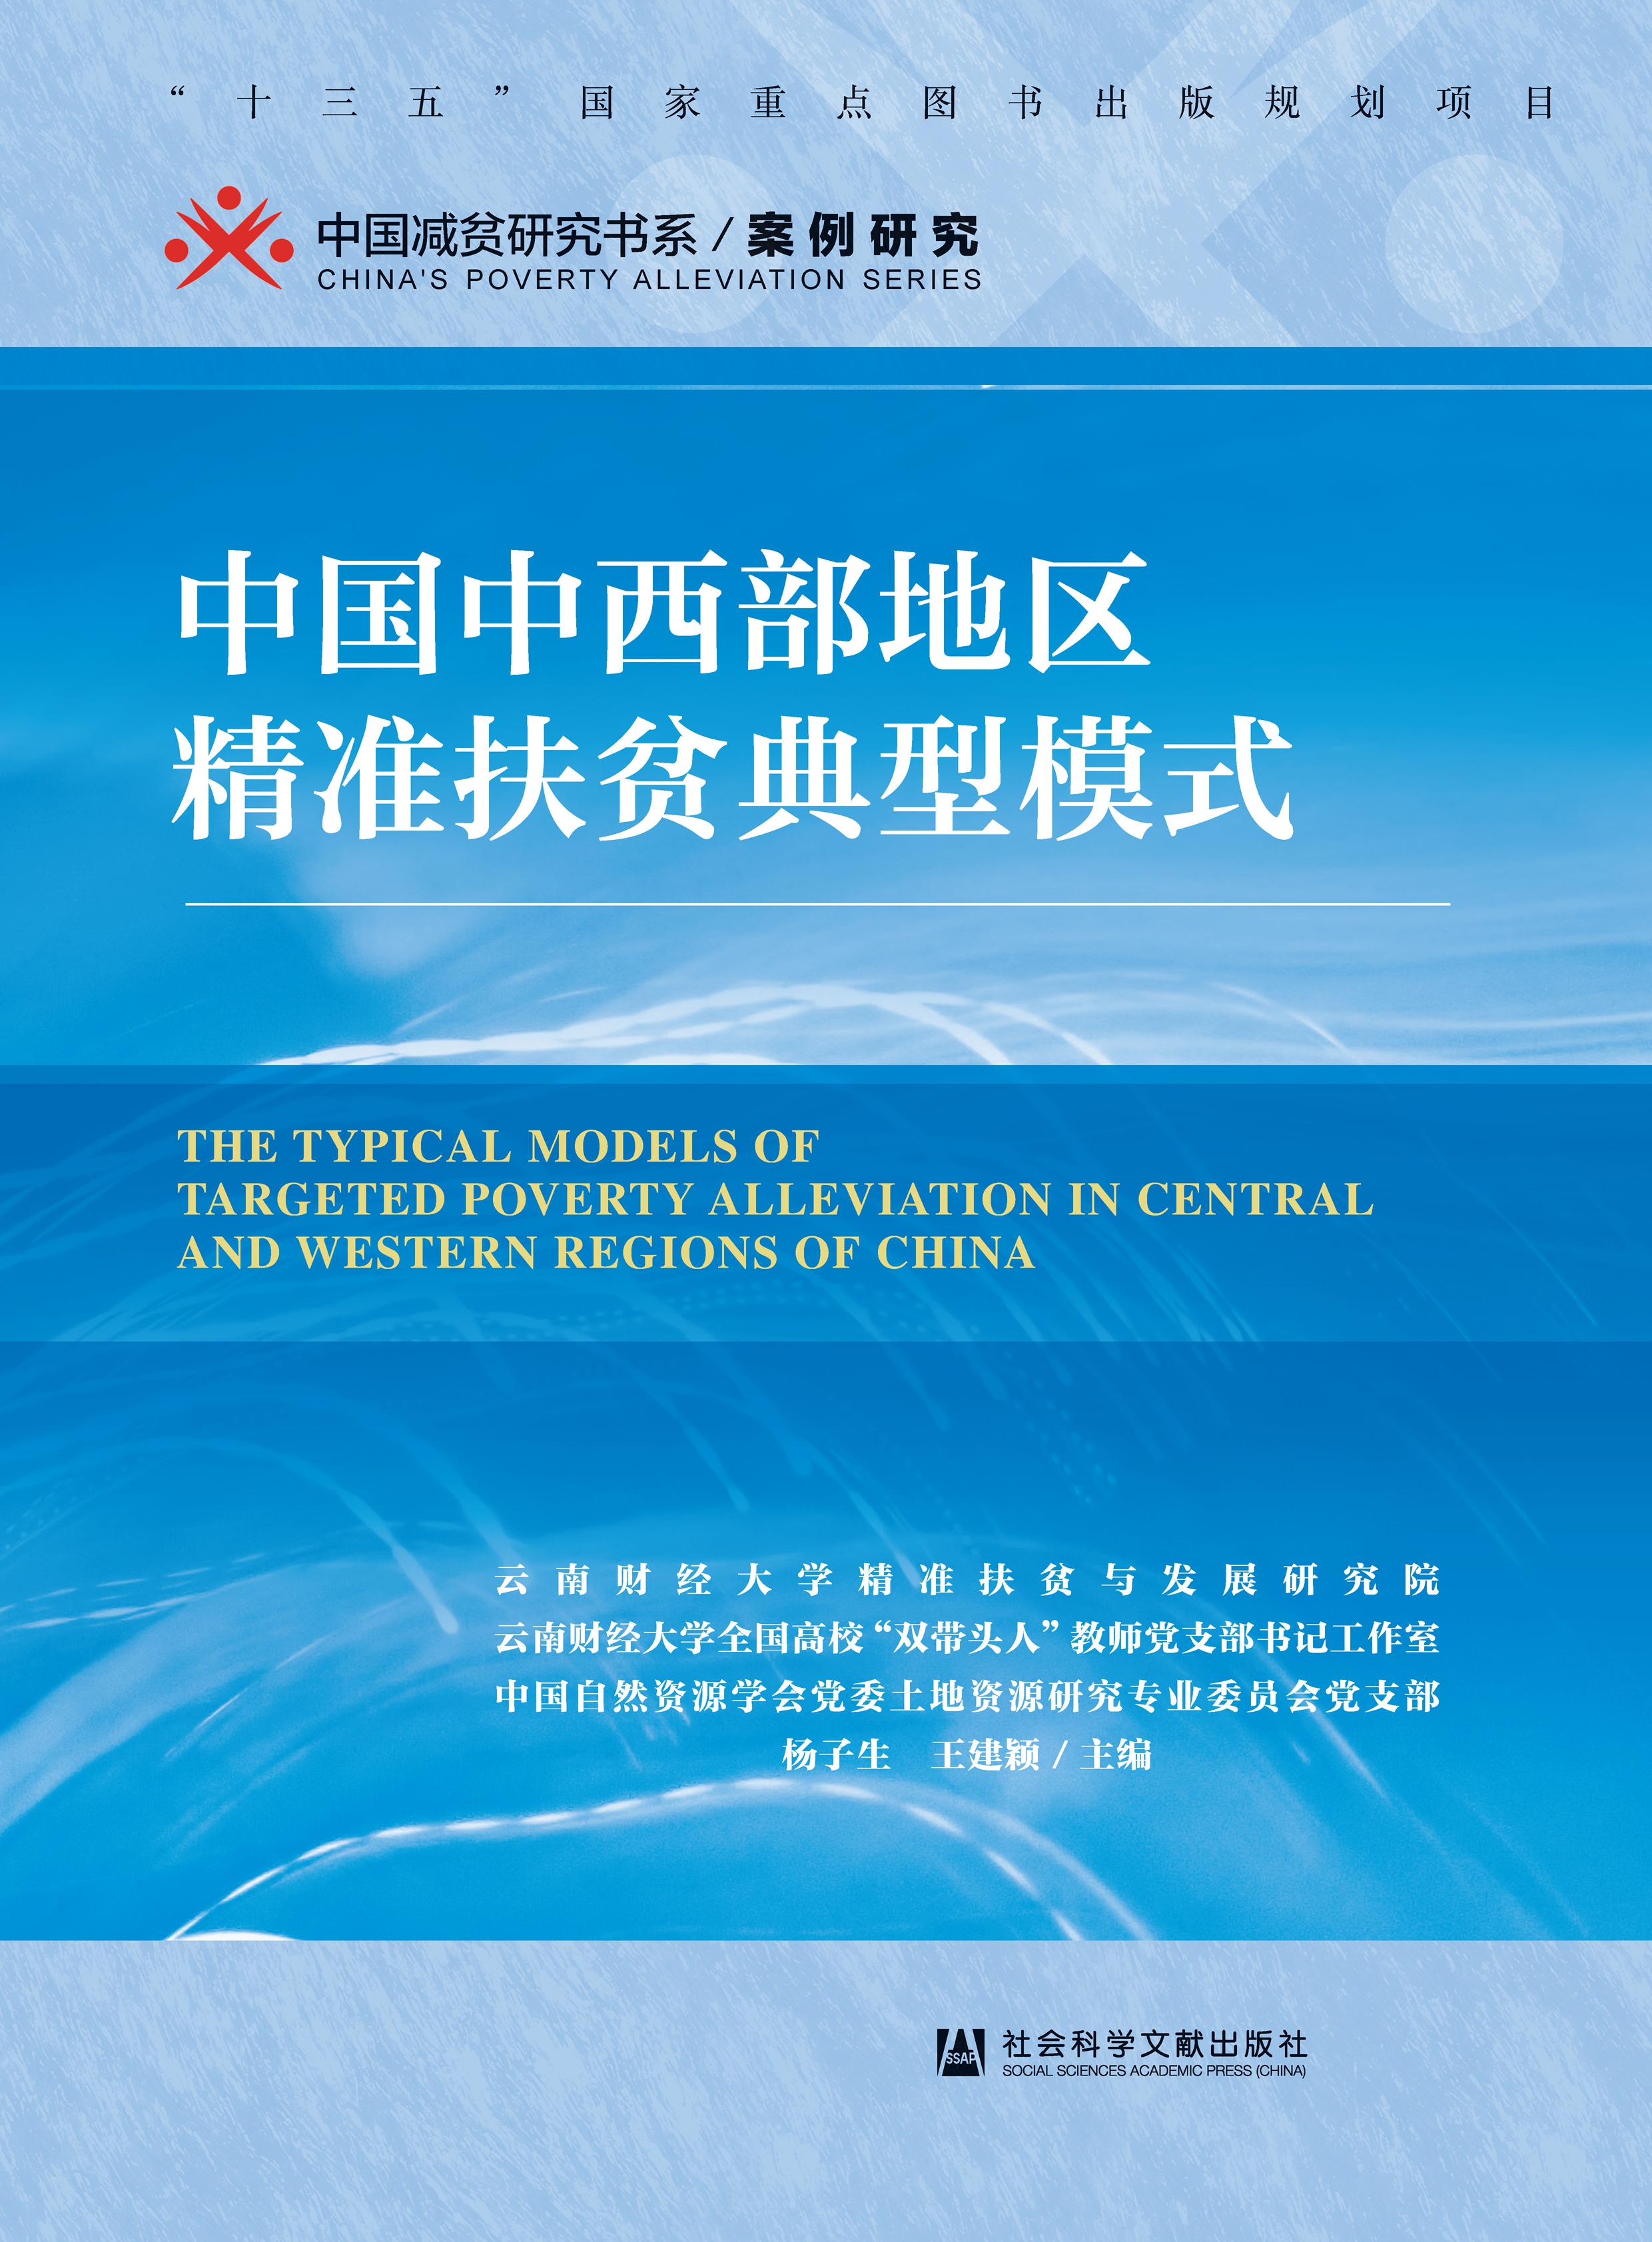 中国中西部地区精准扶贫典型模式